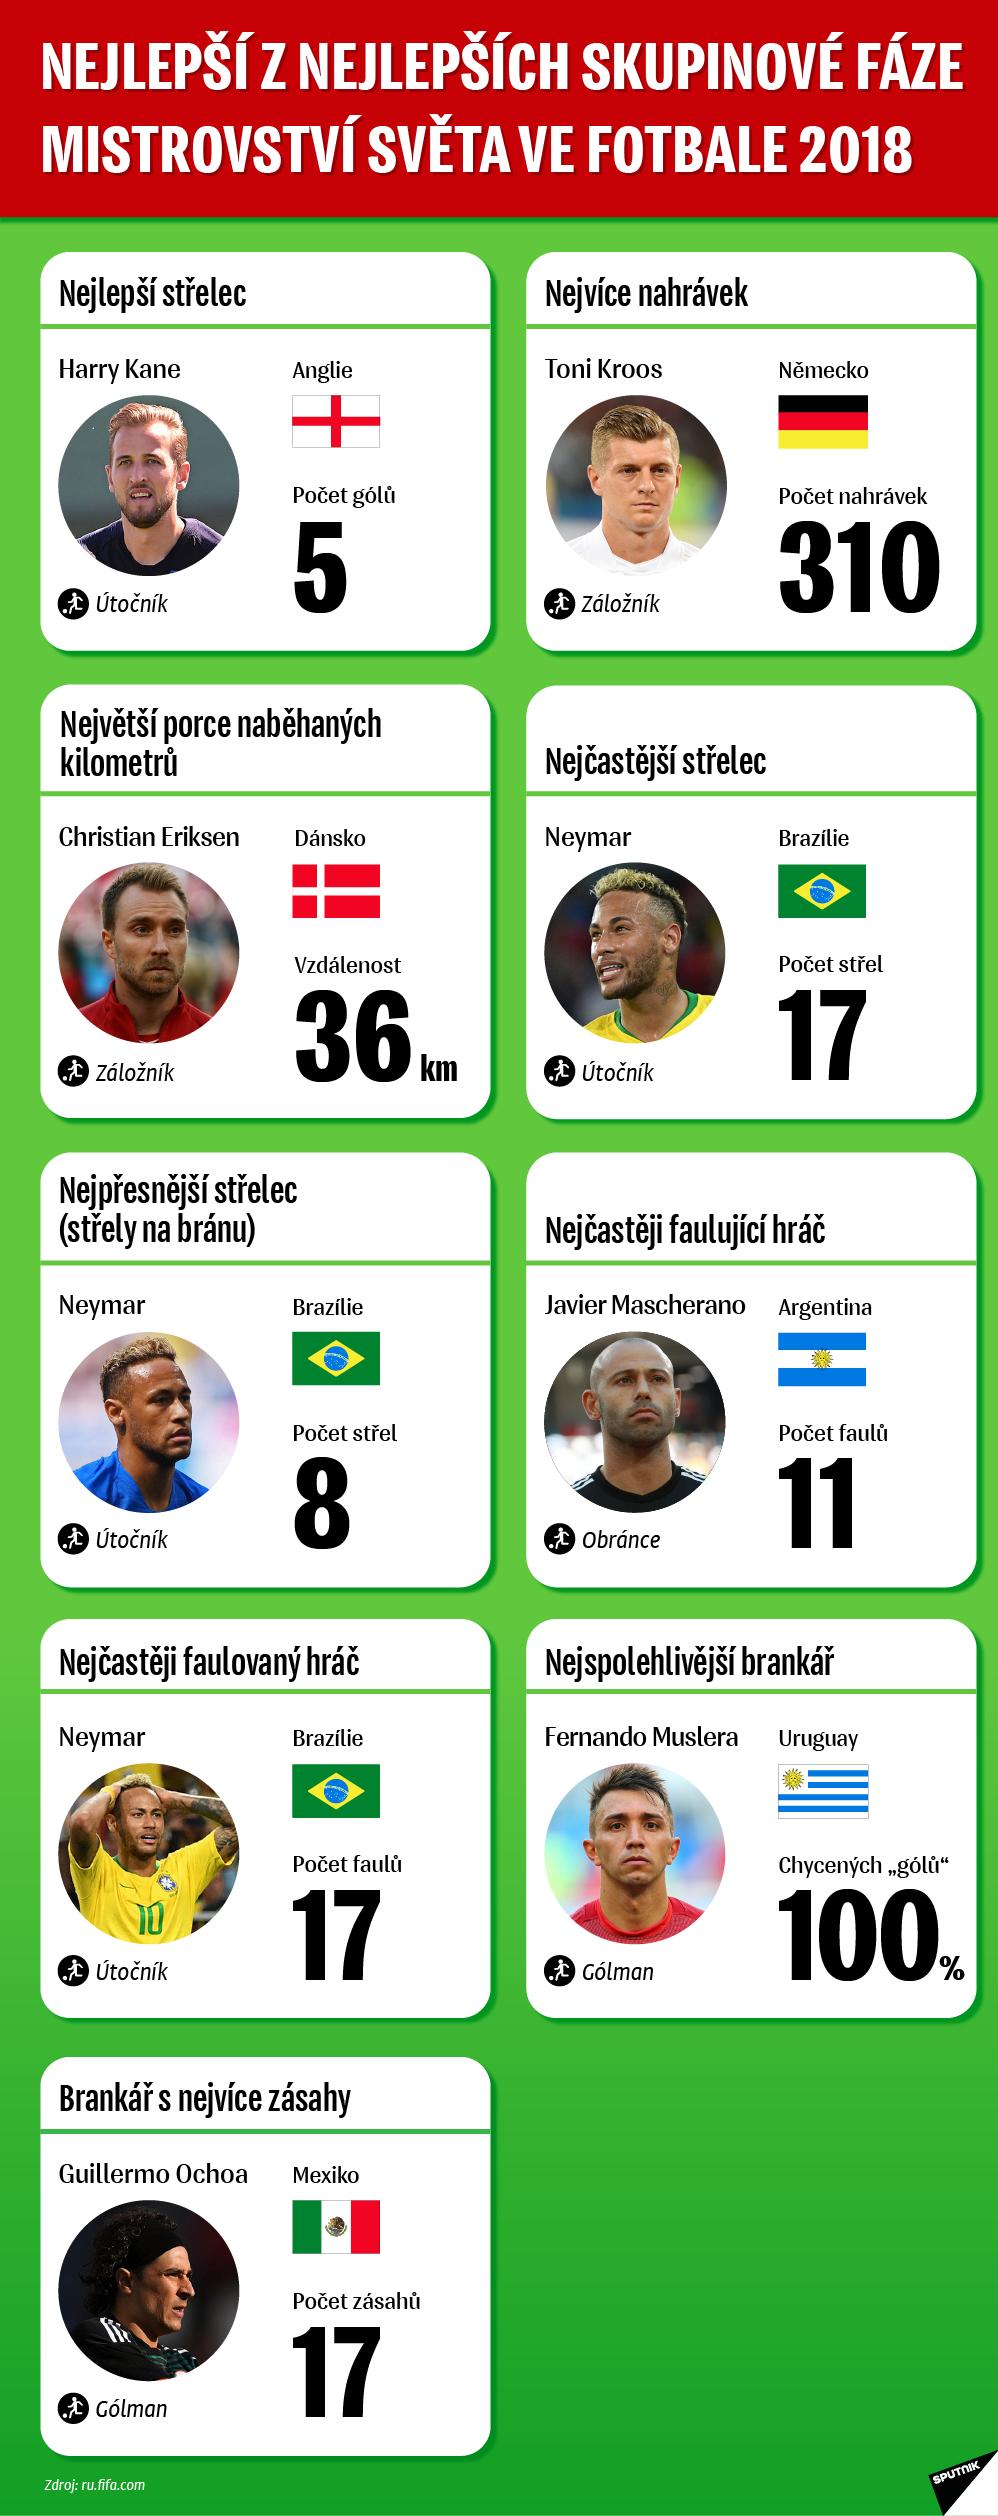 Kane, Kroos, Neymar. Vládci skupinové fáze MS 2018